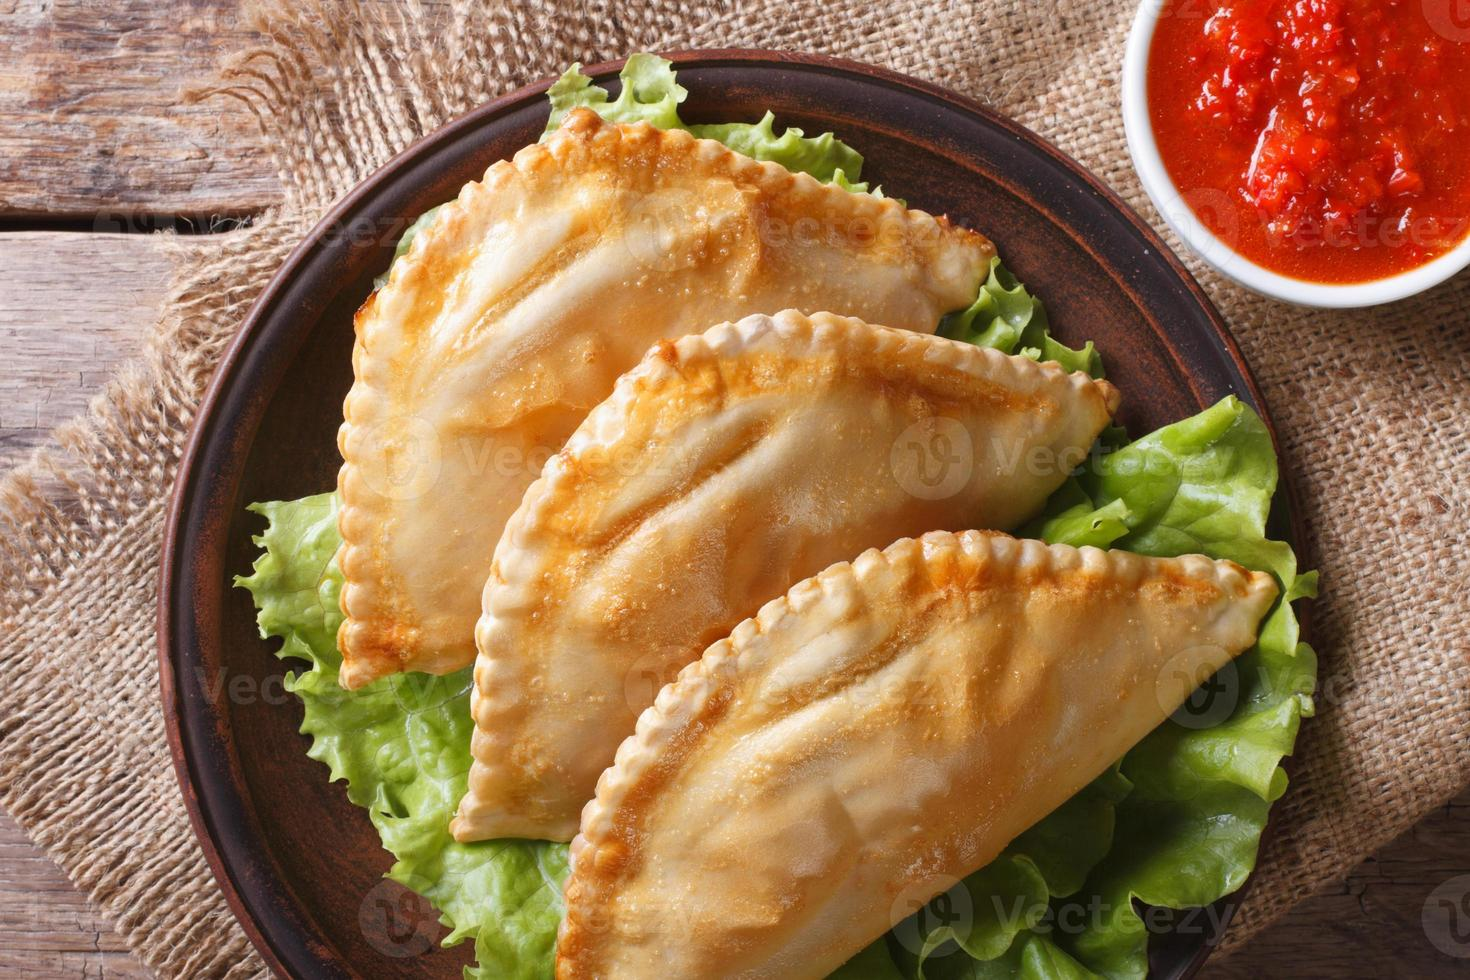 empanadas et sauce agrandi. vue de dessus horizontale, rustique photo